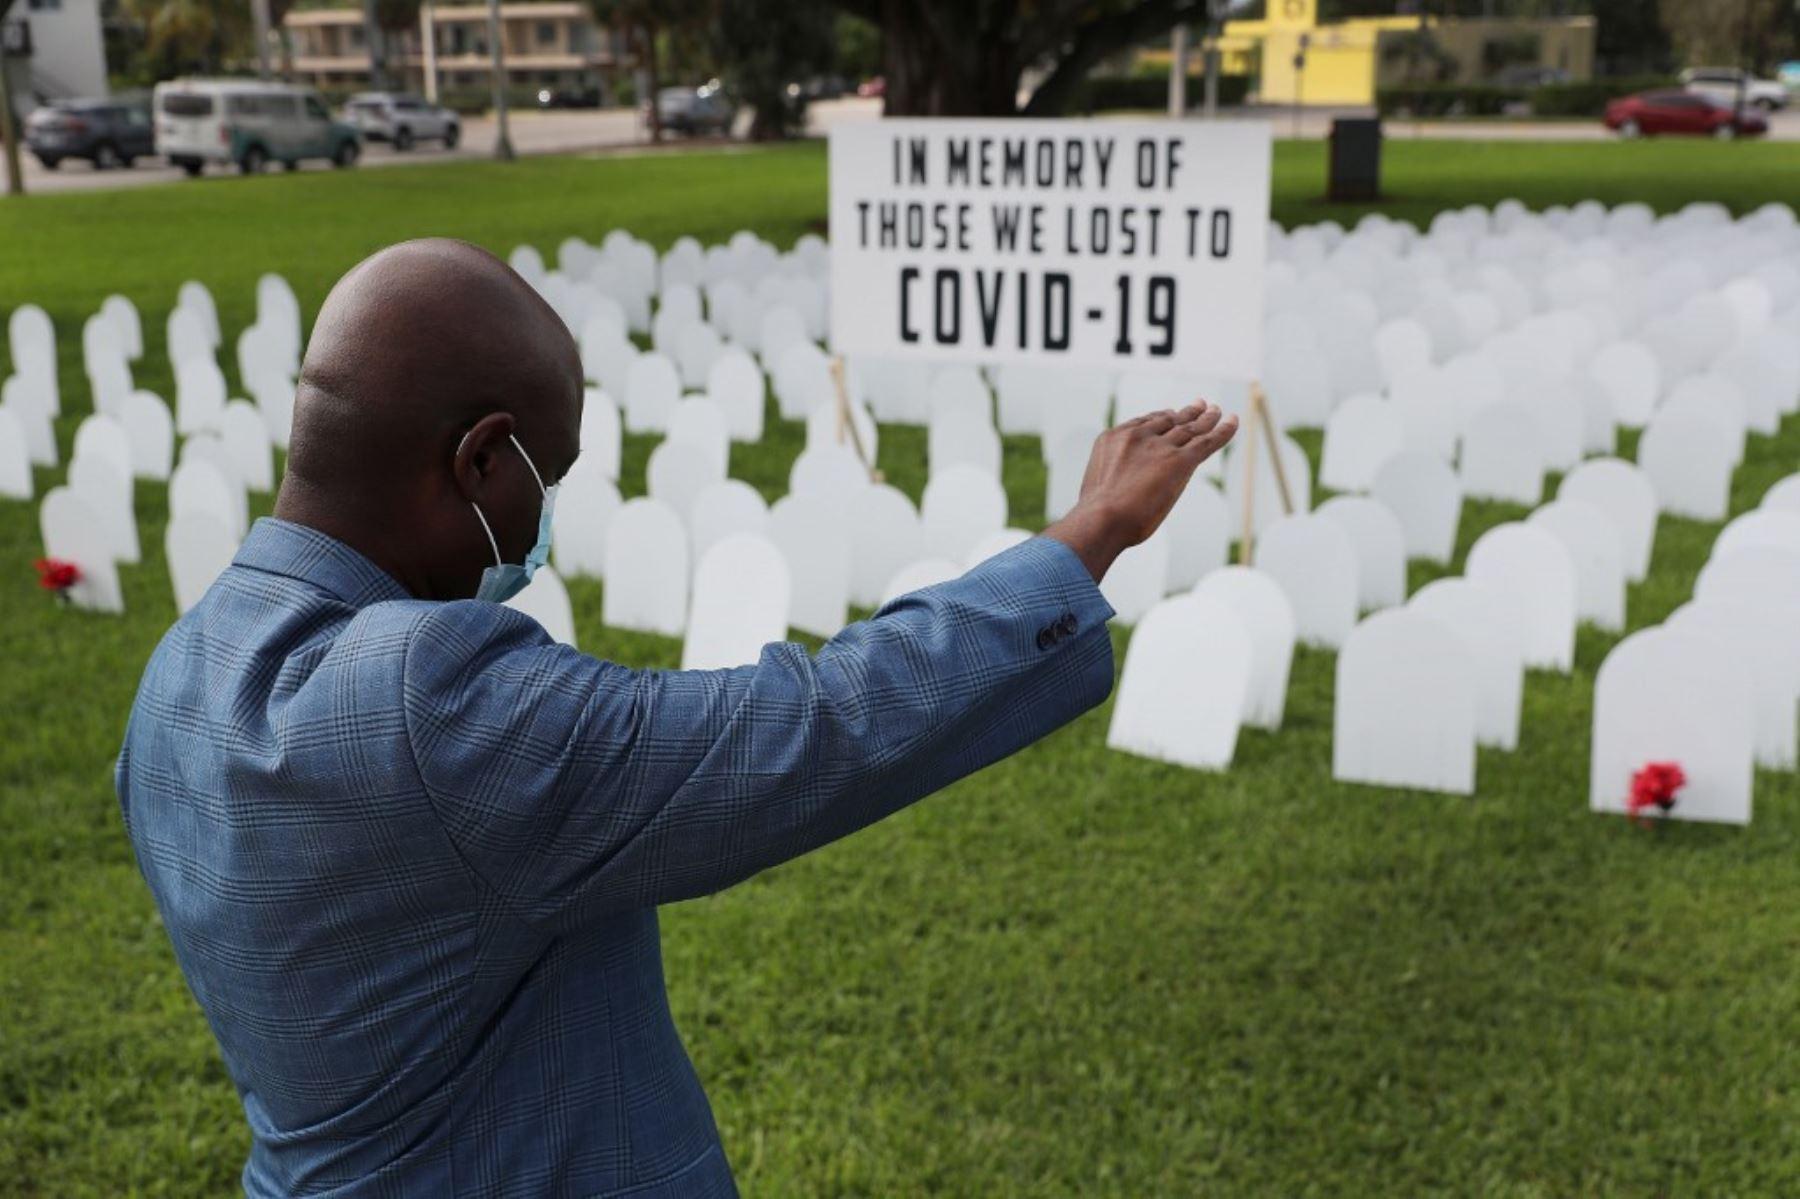 El vicealcalde Alix Desulme, de la ciudad de North Miami, levanta el brazo durante una oración por las vidas locales perdidas por COVID-19 mientras se presenta un monumento a los perdidos en Griffing Park.Foto: AFP